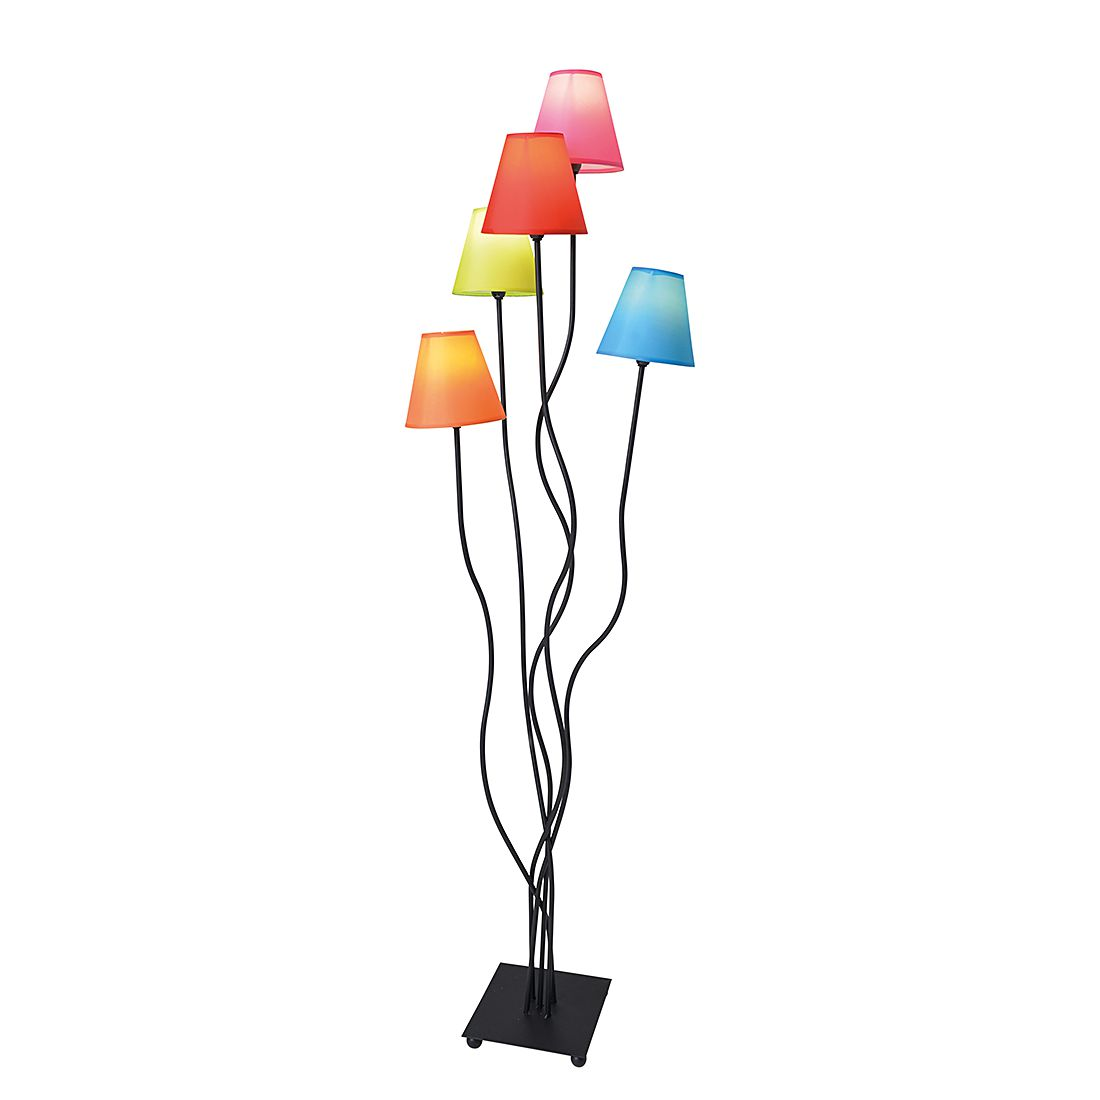 EEK A++, Lampadaire - Textile / Métal 5 ampoules, Näve